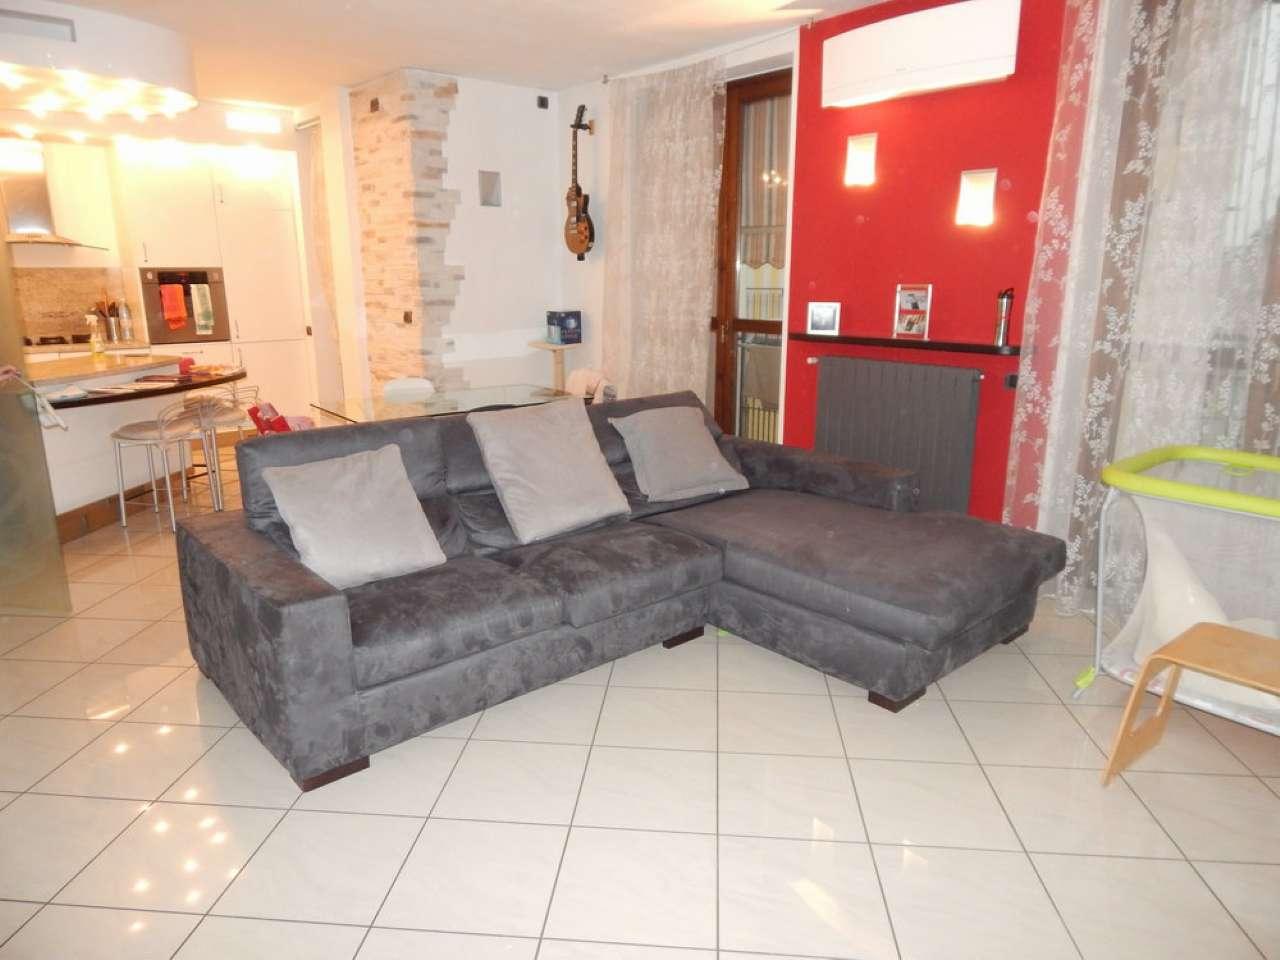 Appartamento in vendita a Castel Rozzone, 3 locali, prezzo € 112.000 | CambioCasa.it